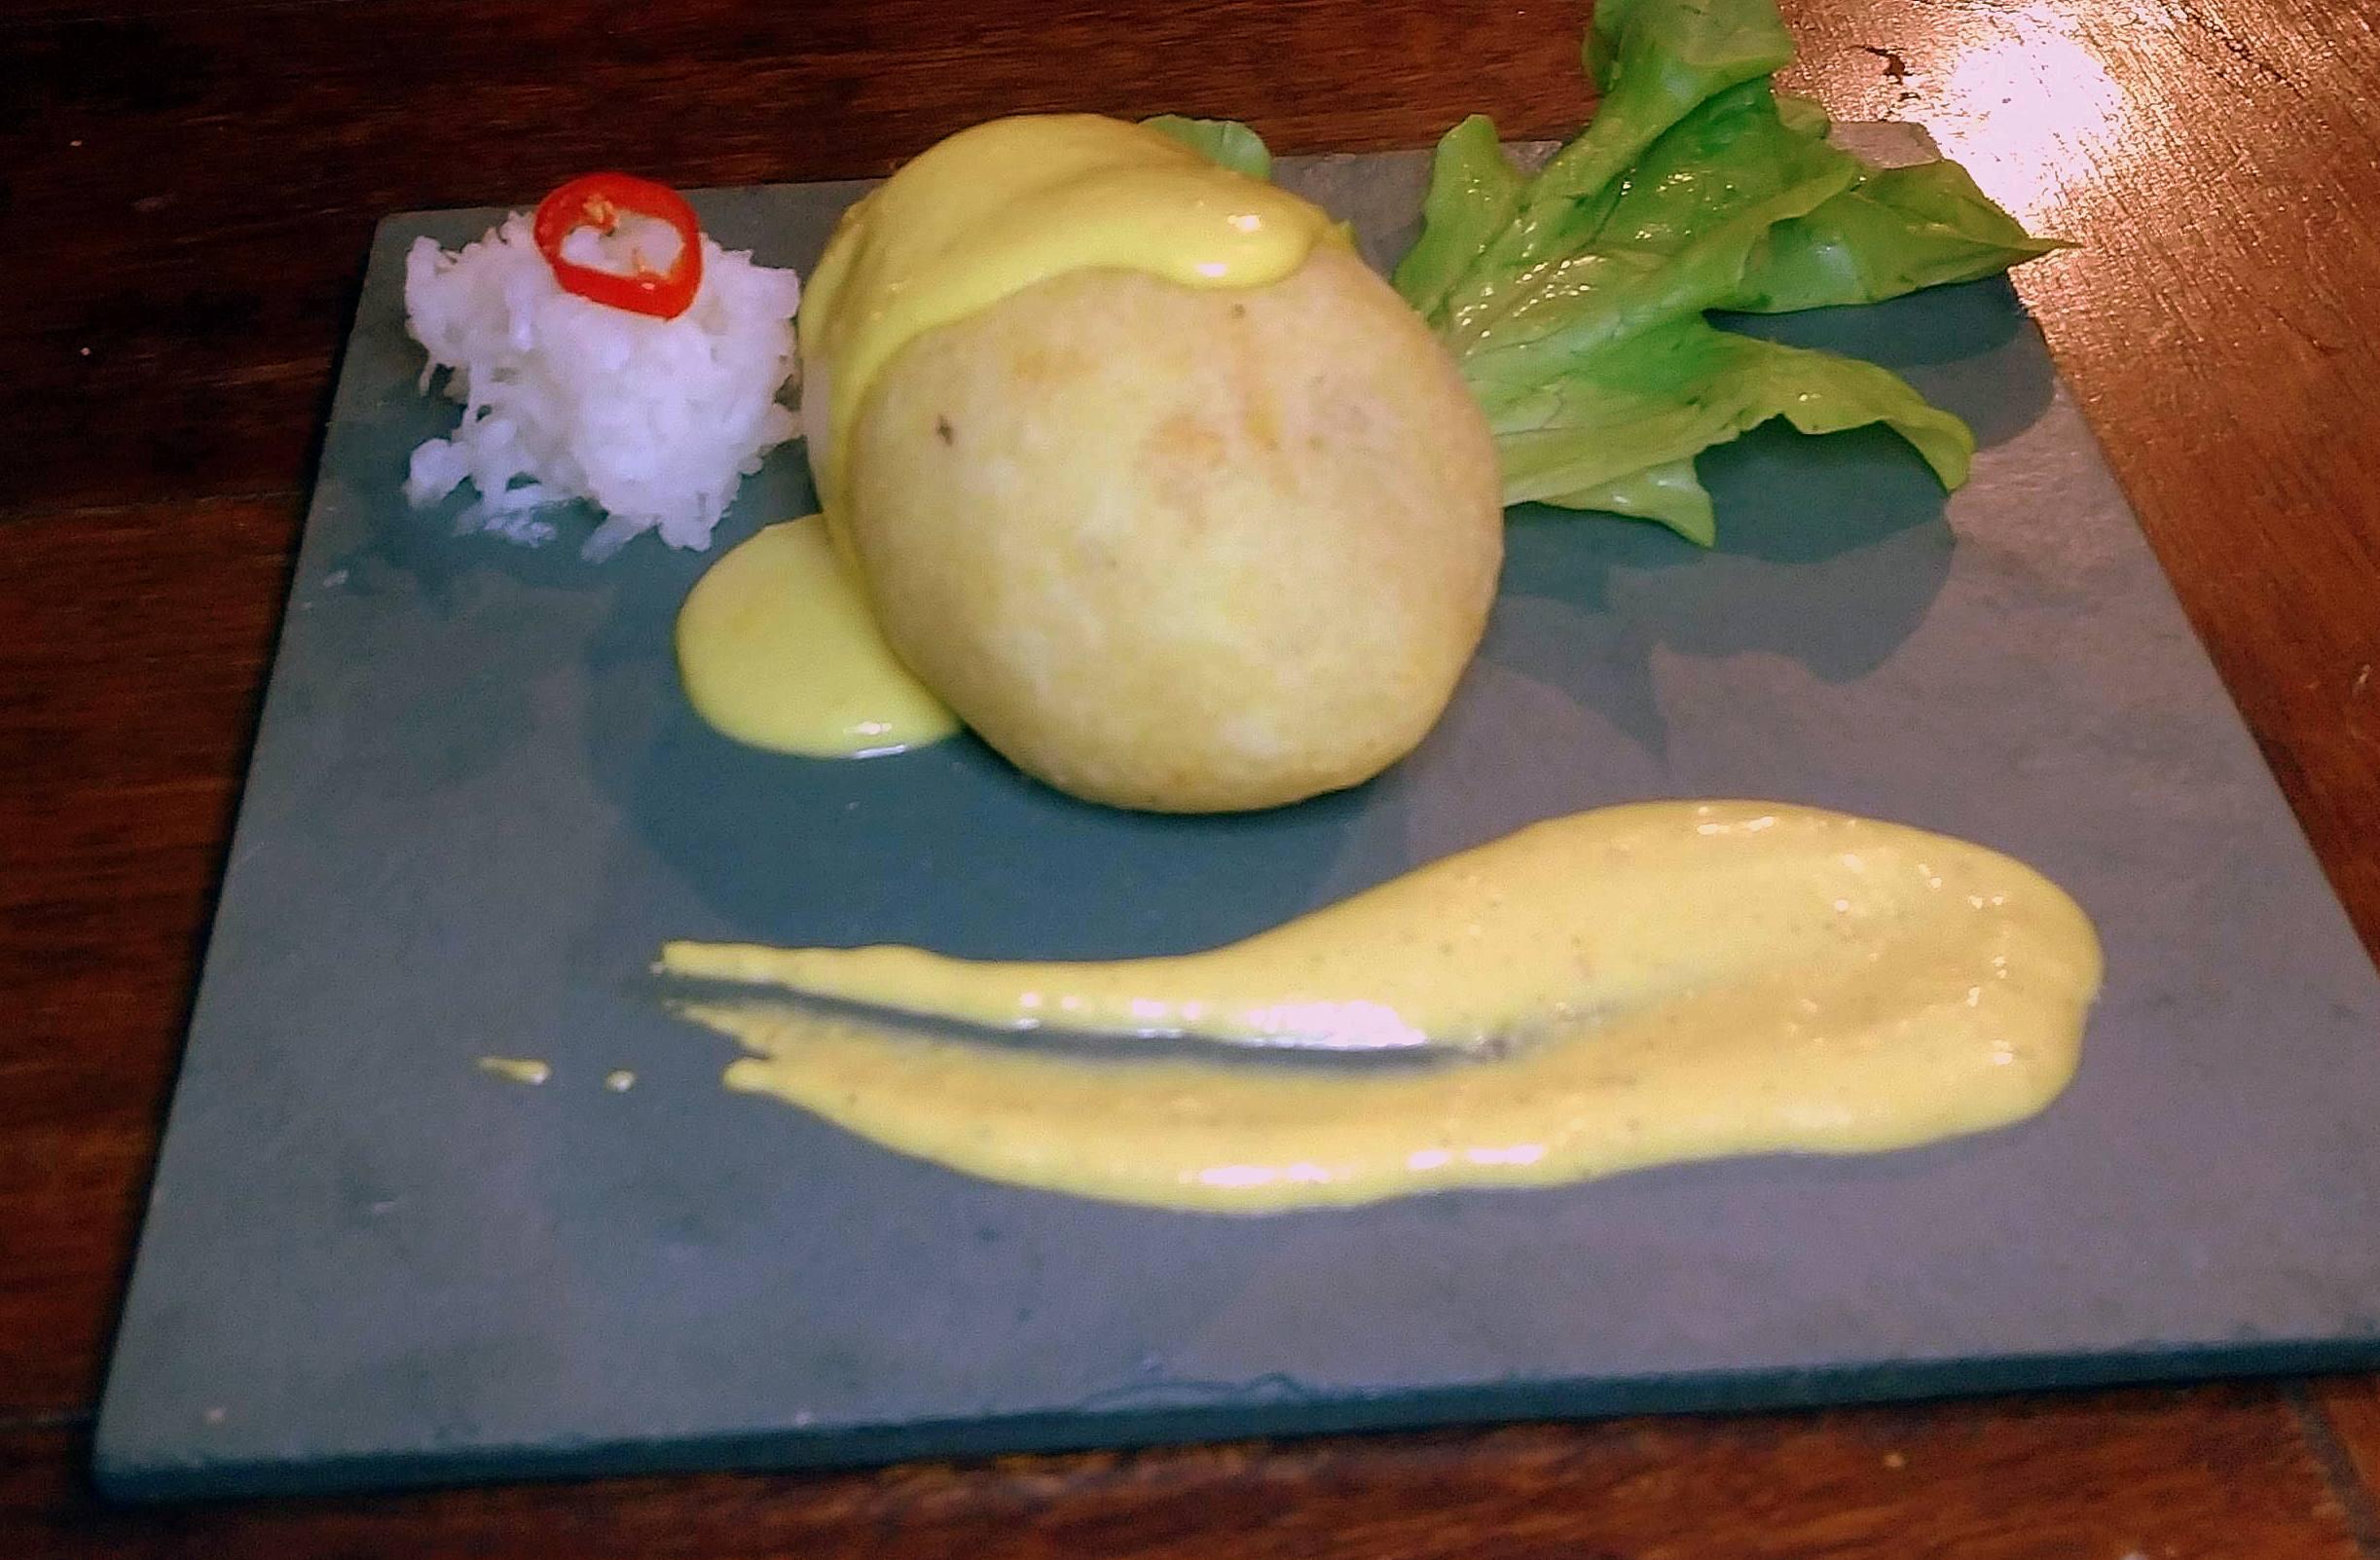 Papa rellena, um bolinho de batata recheado com carne e frango.